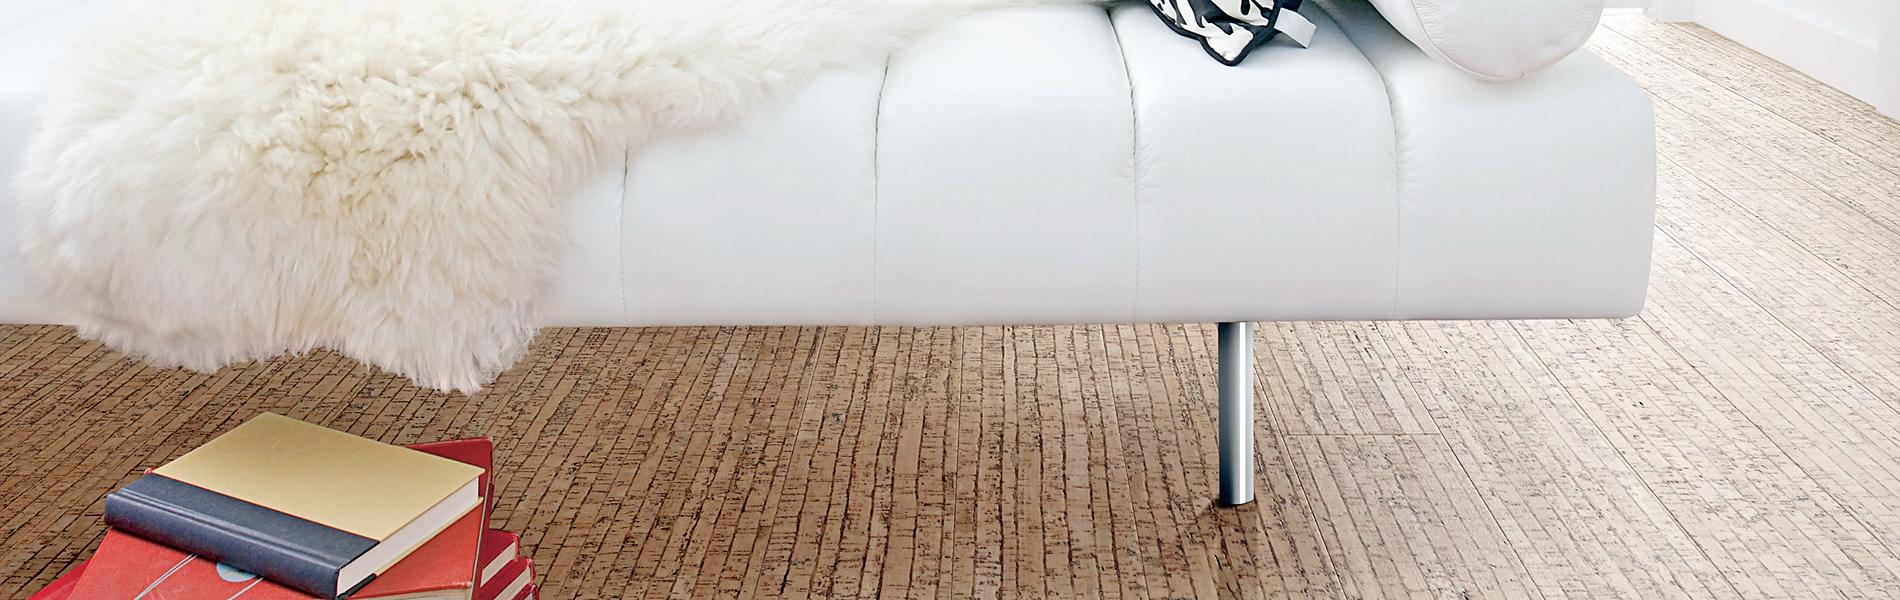 le li ge un bienfait pour le dos et les jambes hkm sa fribourg lausanne gen ve. Black Bedroom Furniture Sets. Home Design Ideas